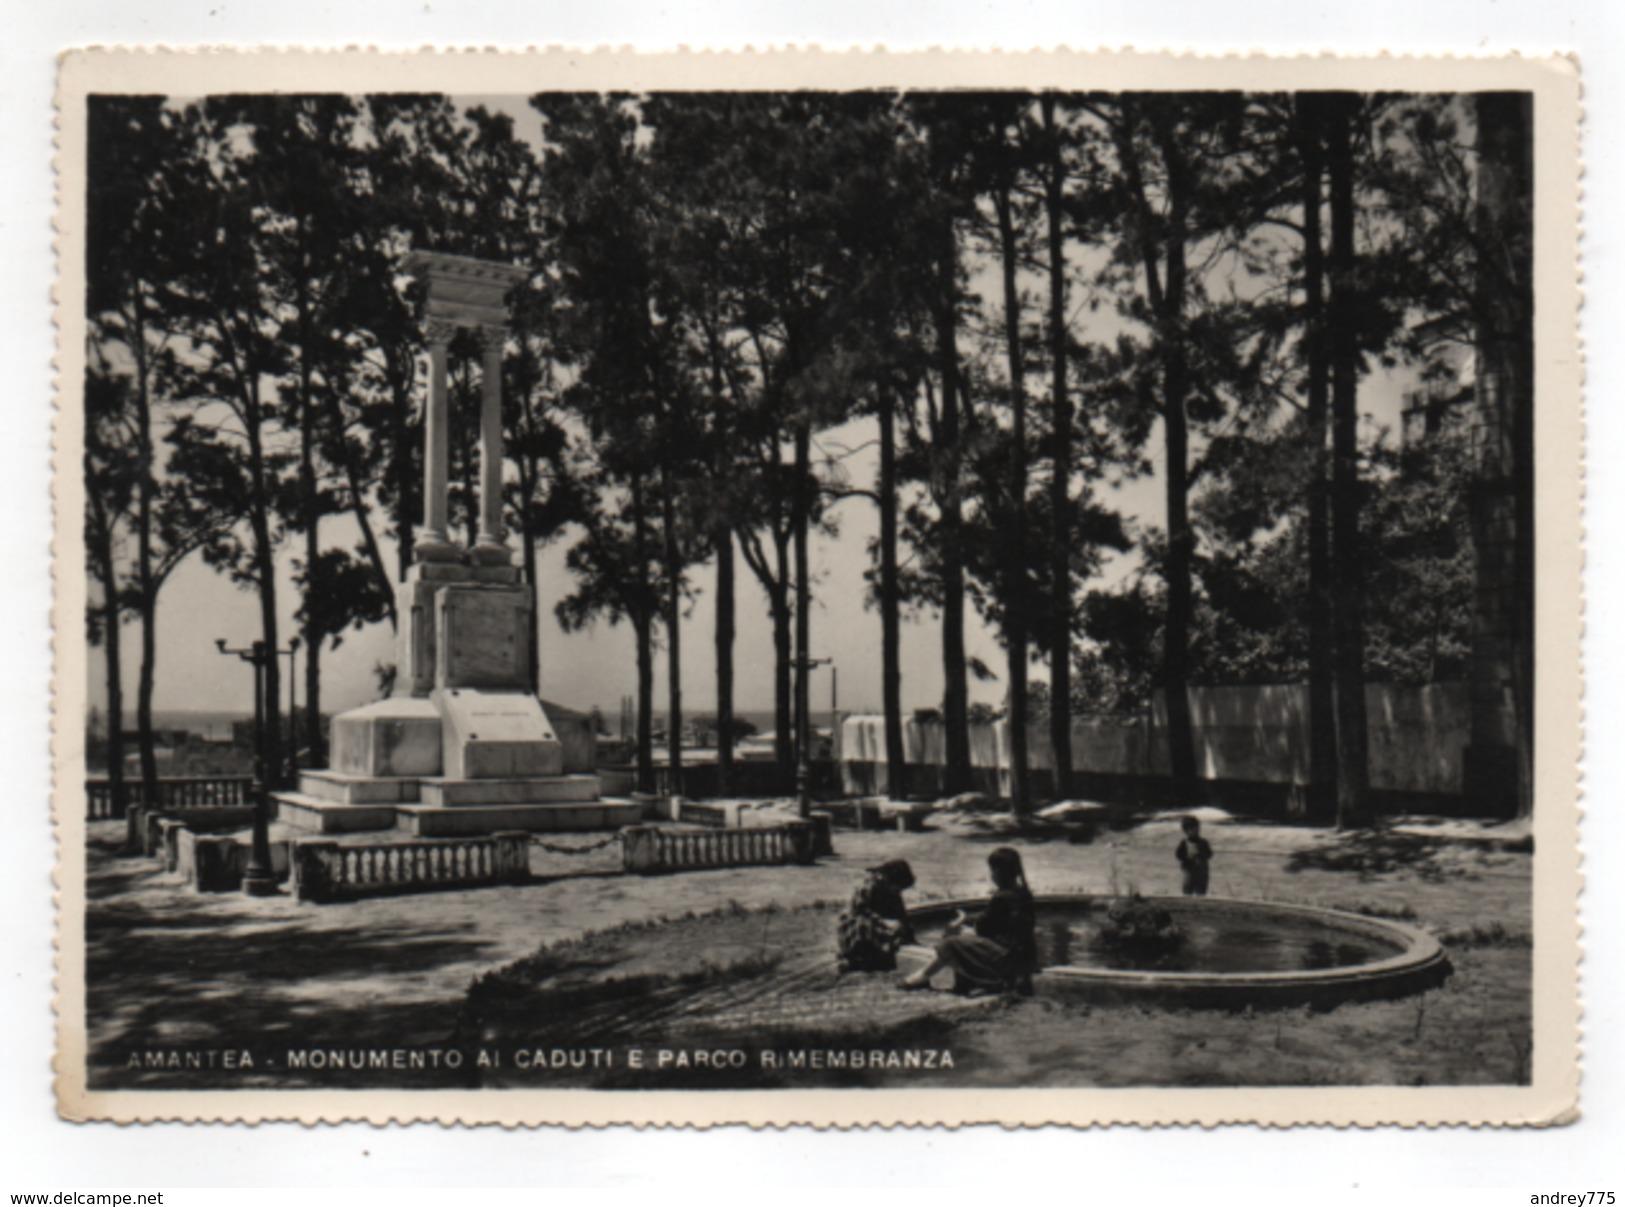 Amantea - Monumento Ai Caduti E Parco Rimembranza * - Cosenza